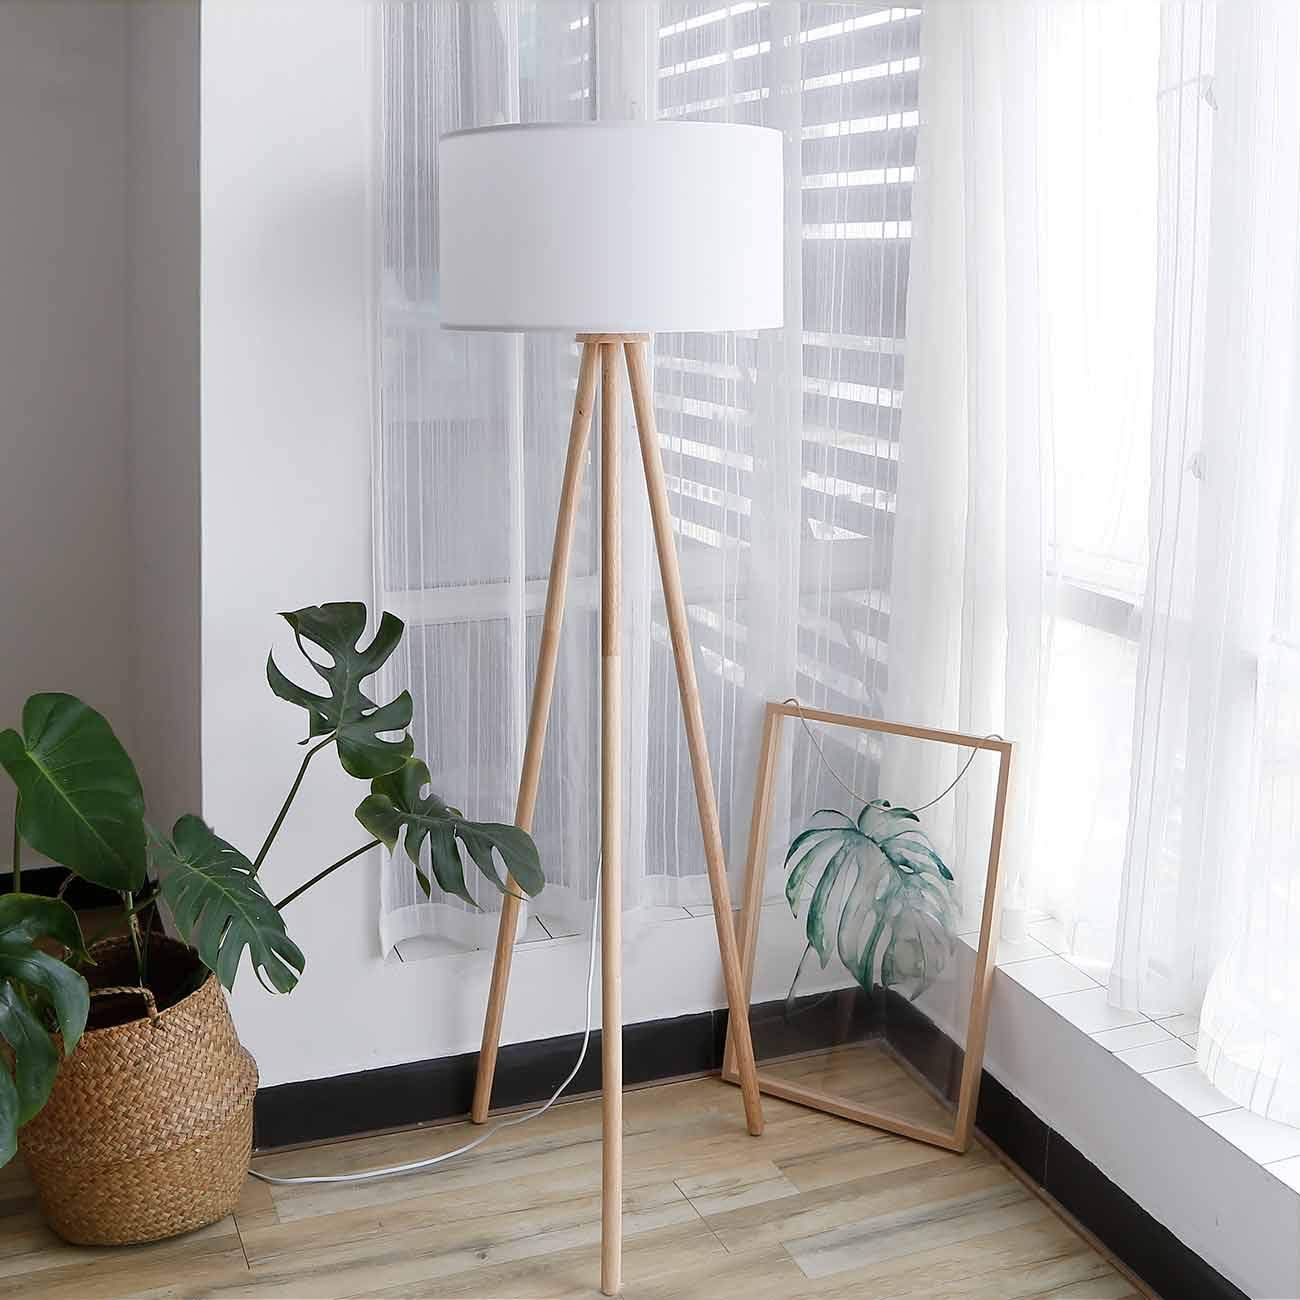 Tomons Stehlampe Stativ Aus Holz Fur Das Wohnzimmer Schlafzimmer